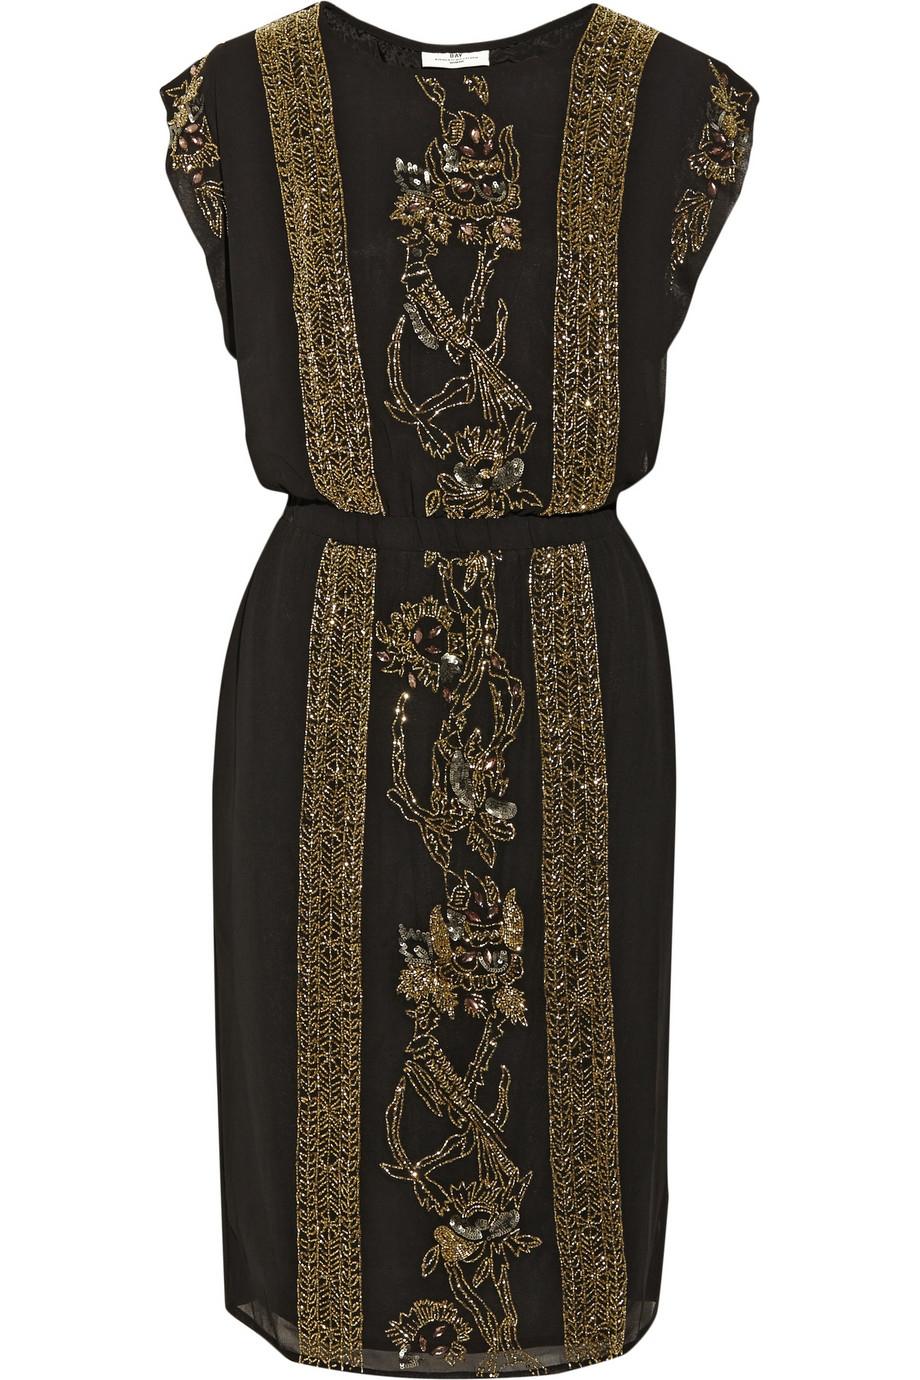 lyst day birger et mikkelsen night goldie embellished crepe dress in black. Black Bedroom Furniture Sets. Home Design Ideas